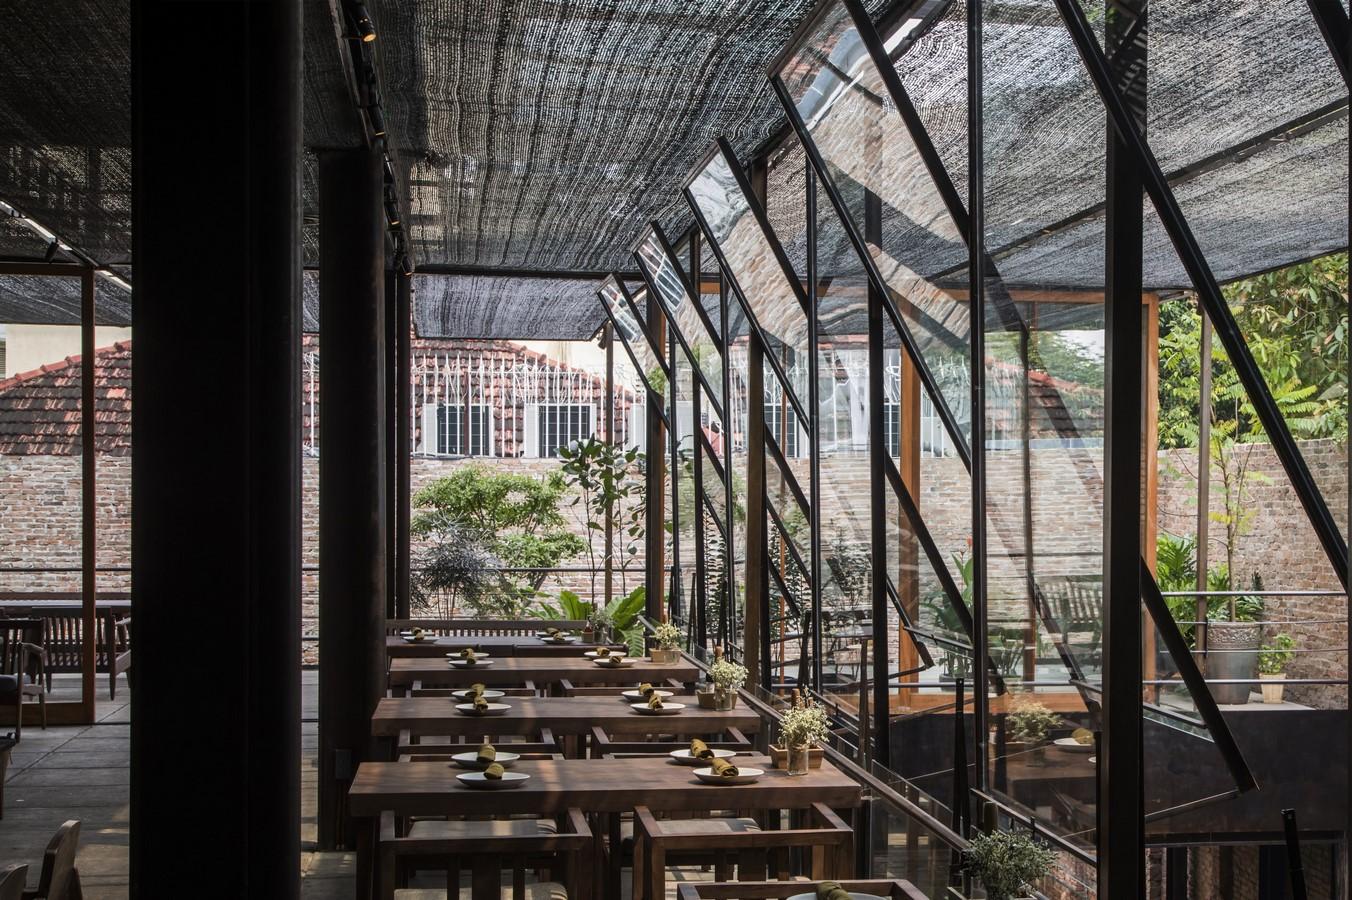 Restaurant of Shade - Sheet2